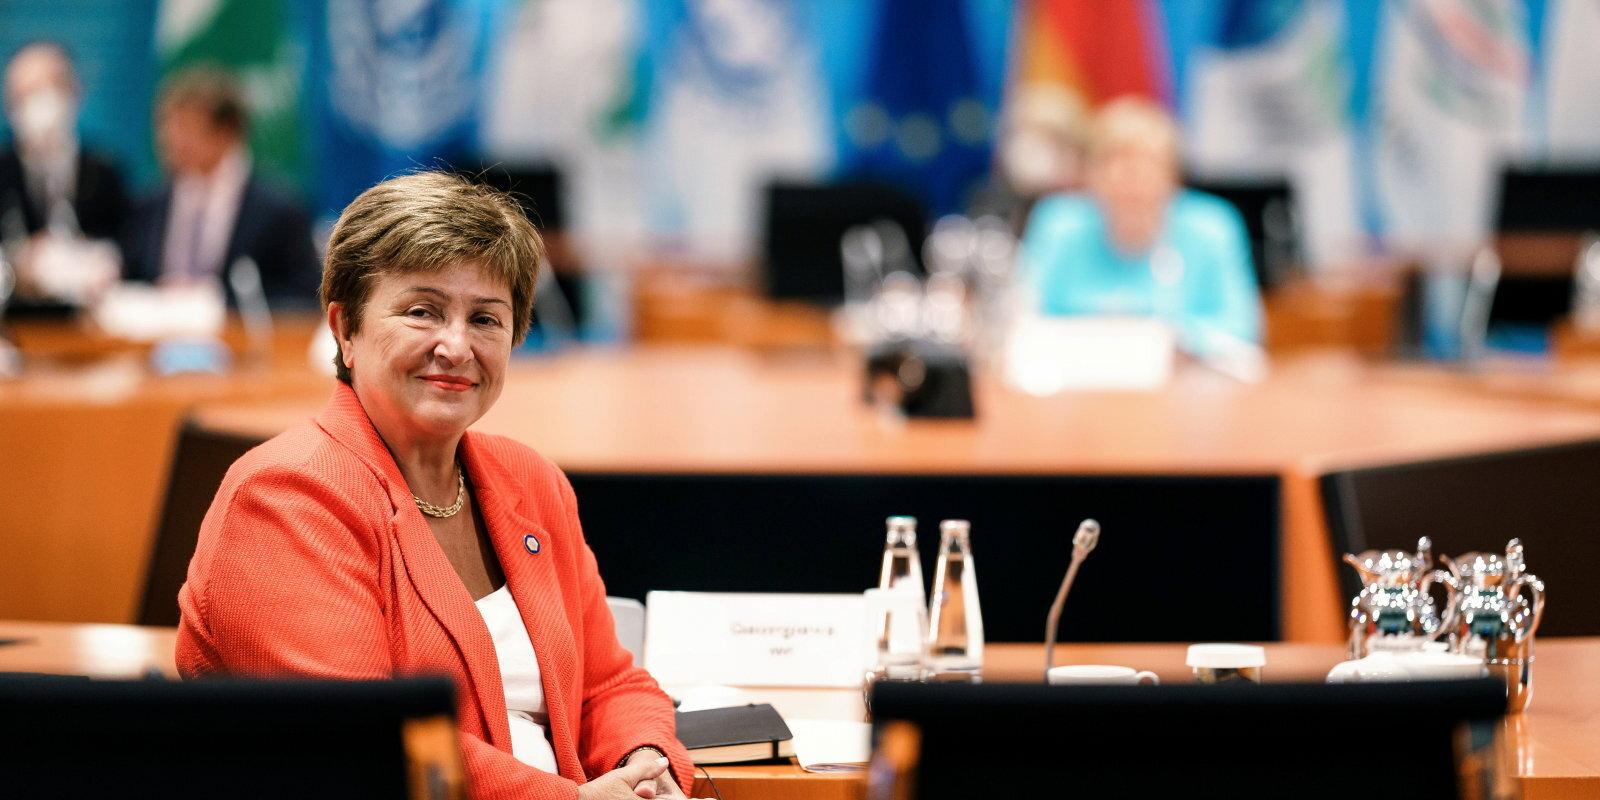 'Doing Business' skandāls apdraud Pasaules Bankas un Starptautiskā Valūtas fonda reputāciju ilgtermiņā